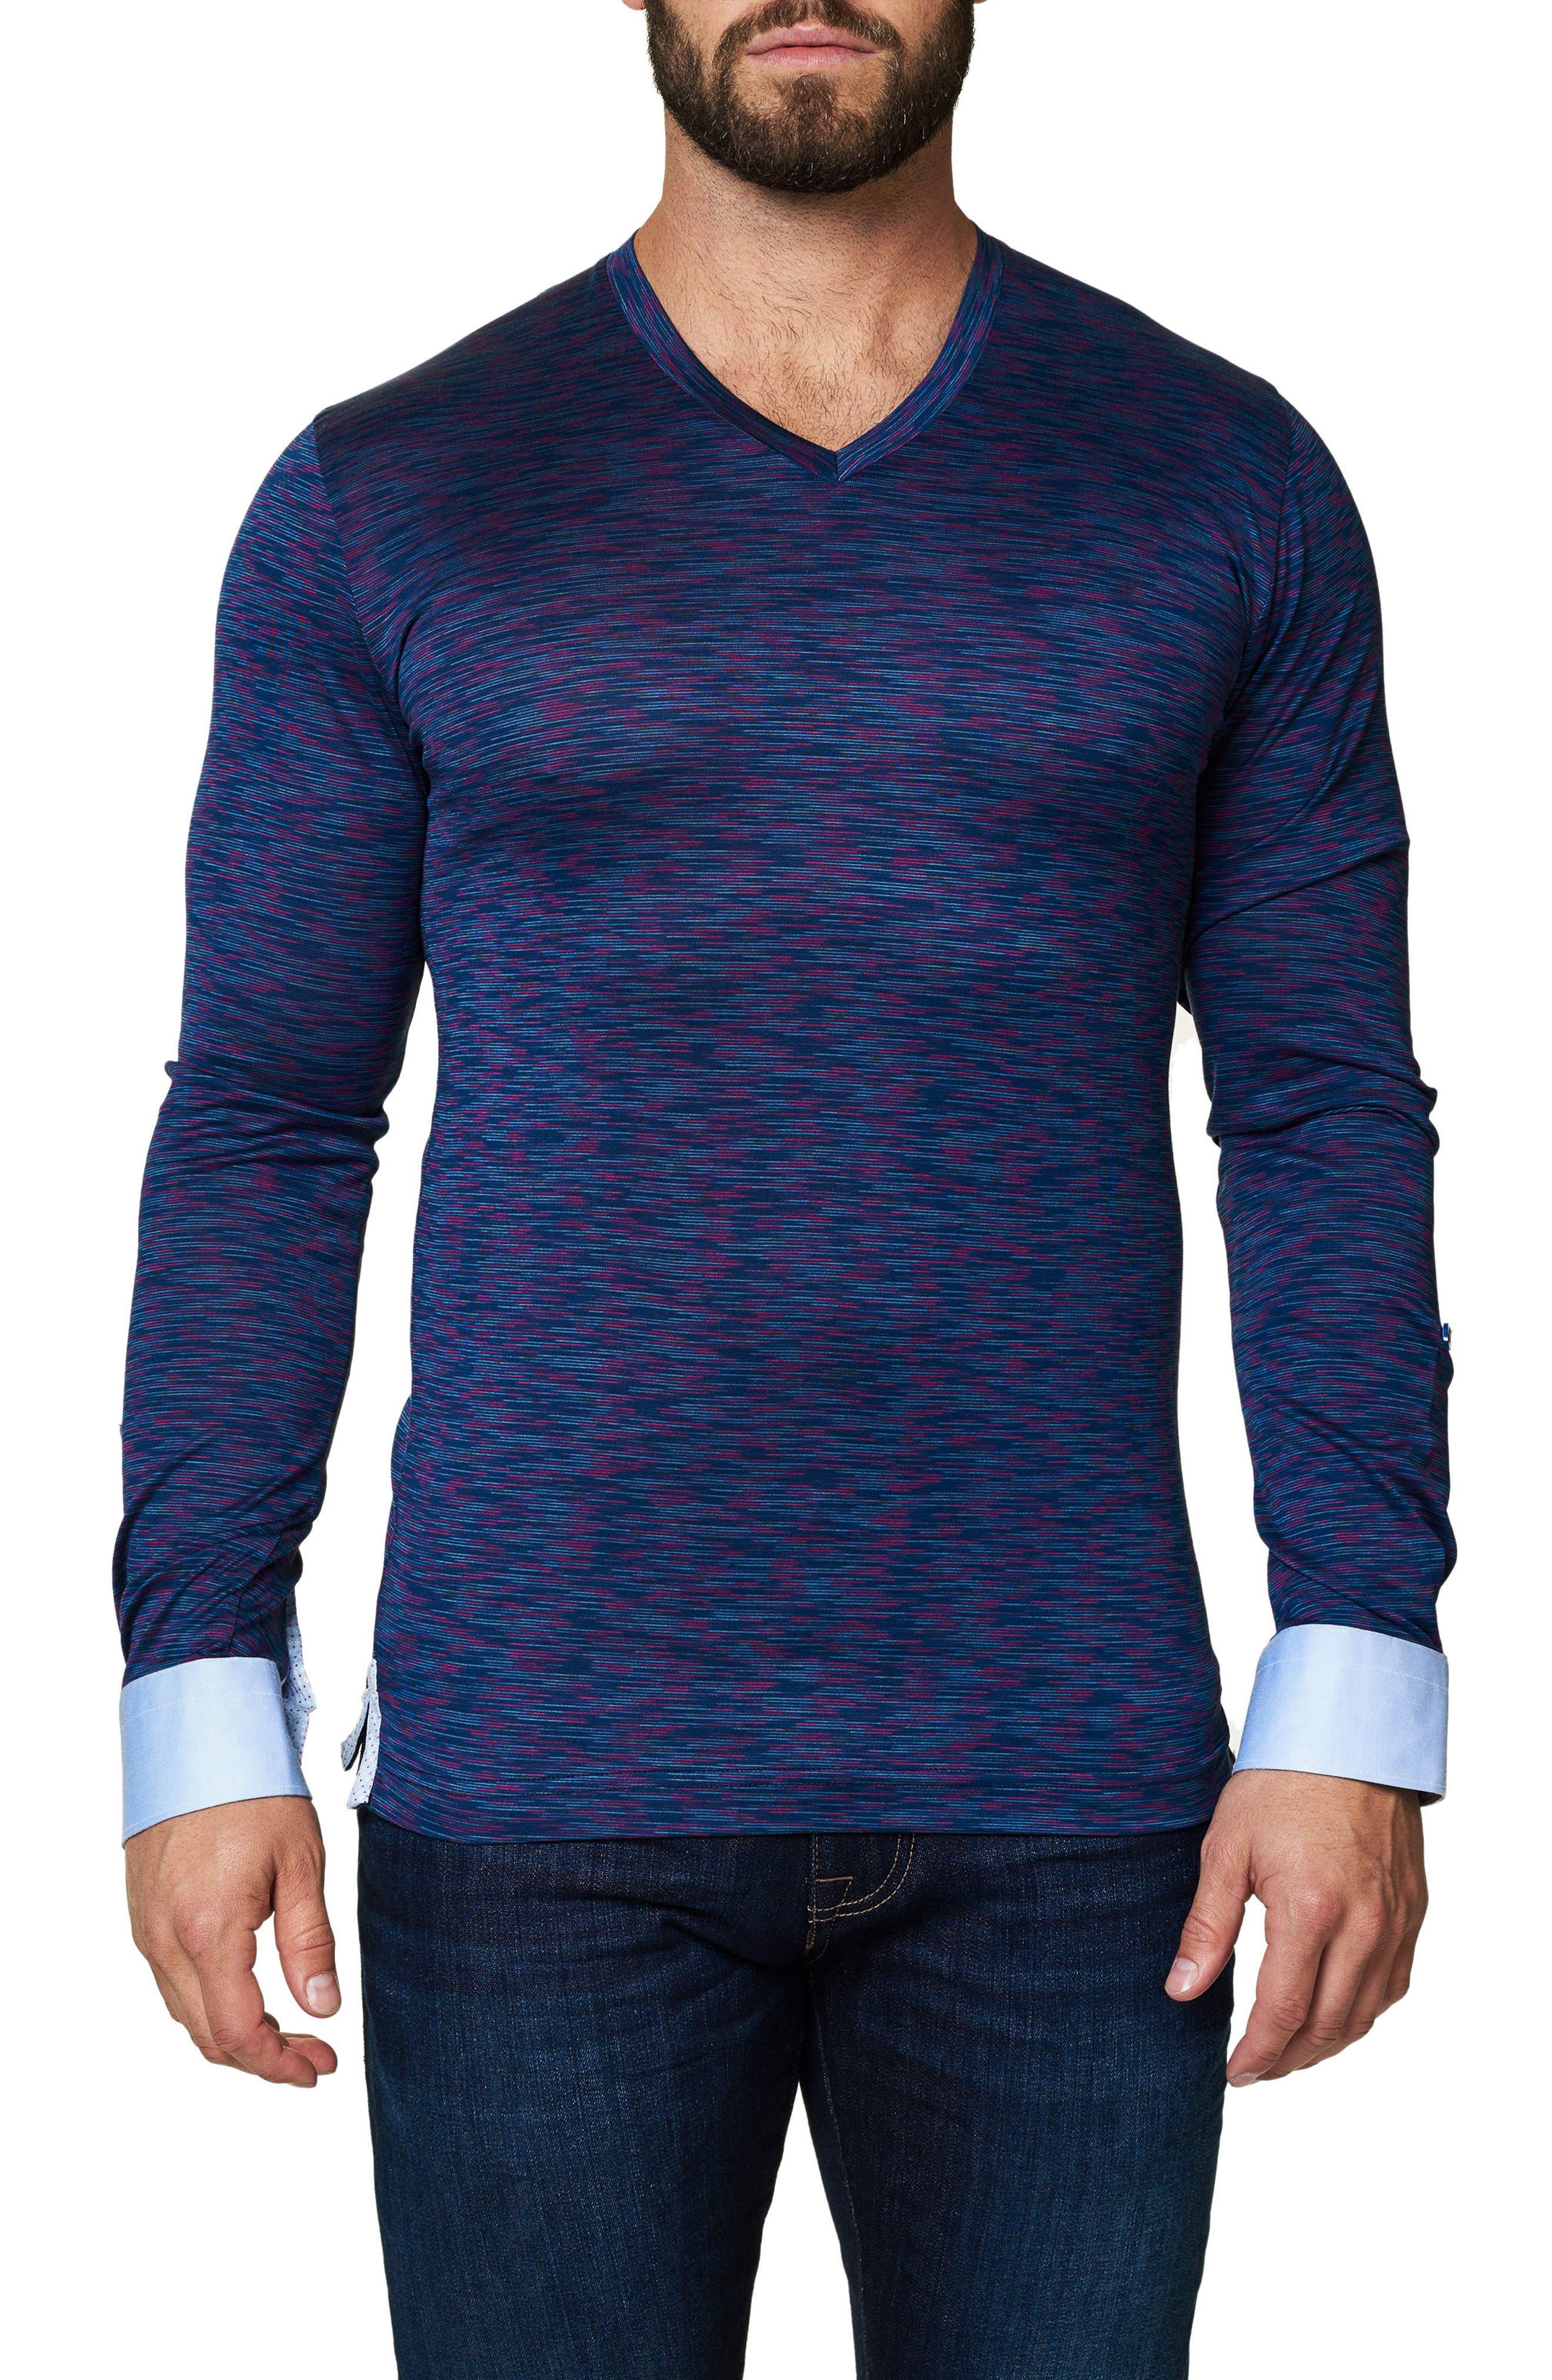 Maceoo Print V-Neck T-Shirt